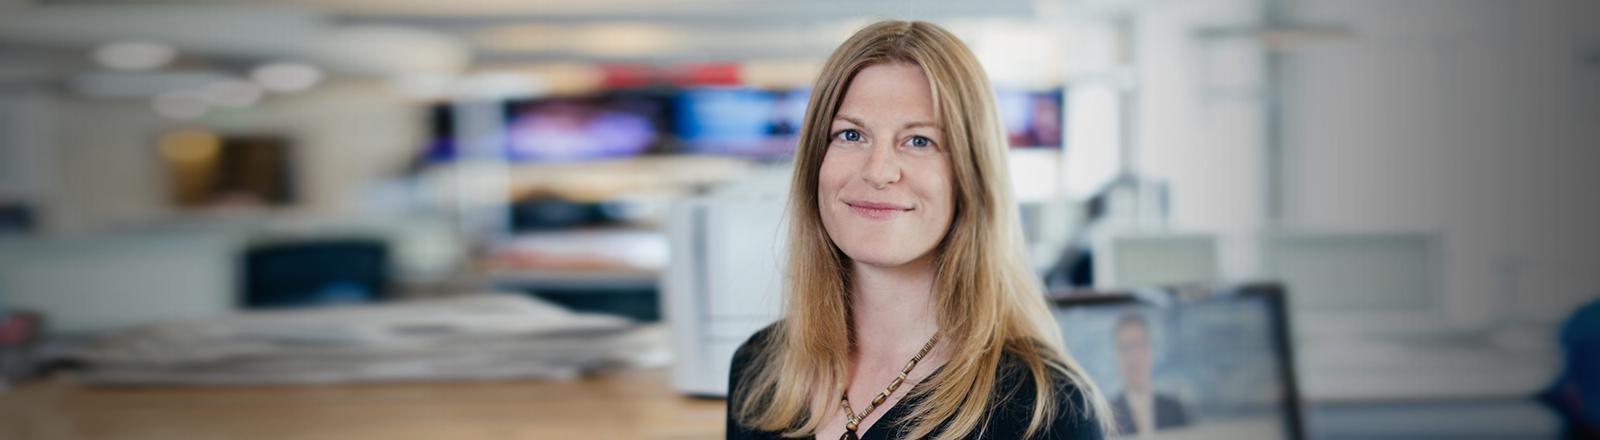 Portrait der Journalistin Katja Paysen-Petersen